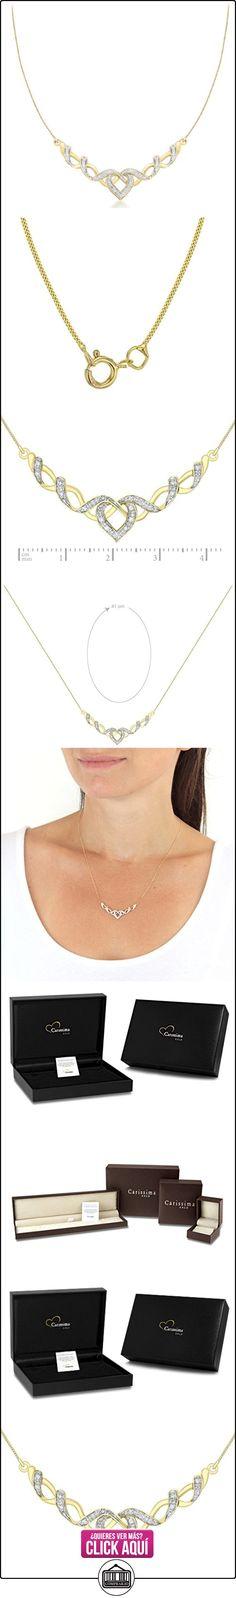 Carissima Gold Collar de mujer con oro bicolor de 9 quilates (375/1000), diamante, 41 cm  ✿ Joyas para mujer - Las mejores ofertas ✿ ▬► Ver oferta: https://comprar.io/goto/B008CZNYOY